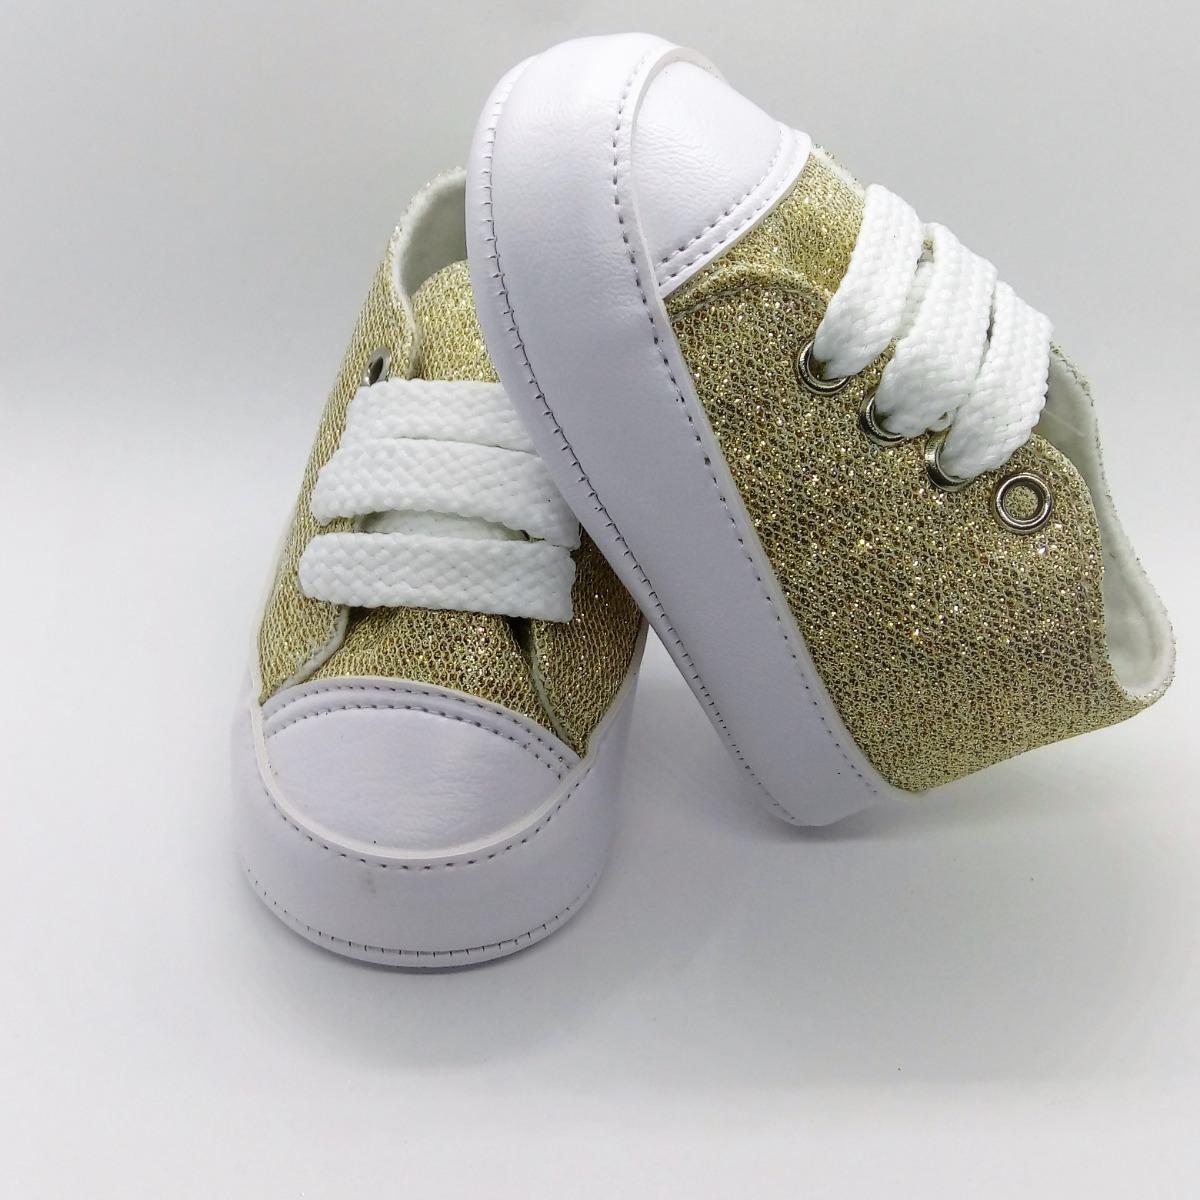 d9393fffb6387 zapatos tenis zapatitos bebe casuales niño niña colores moda. Cargando zoom.